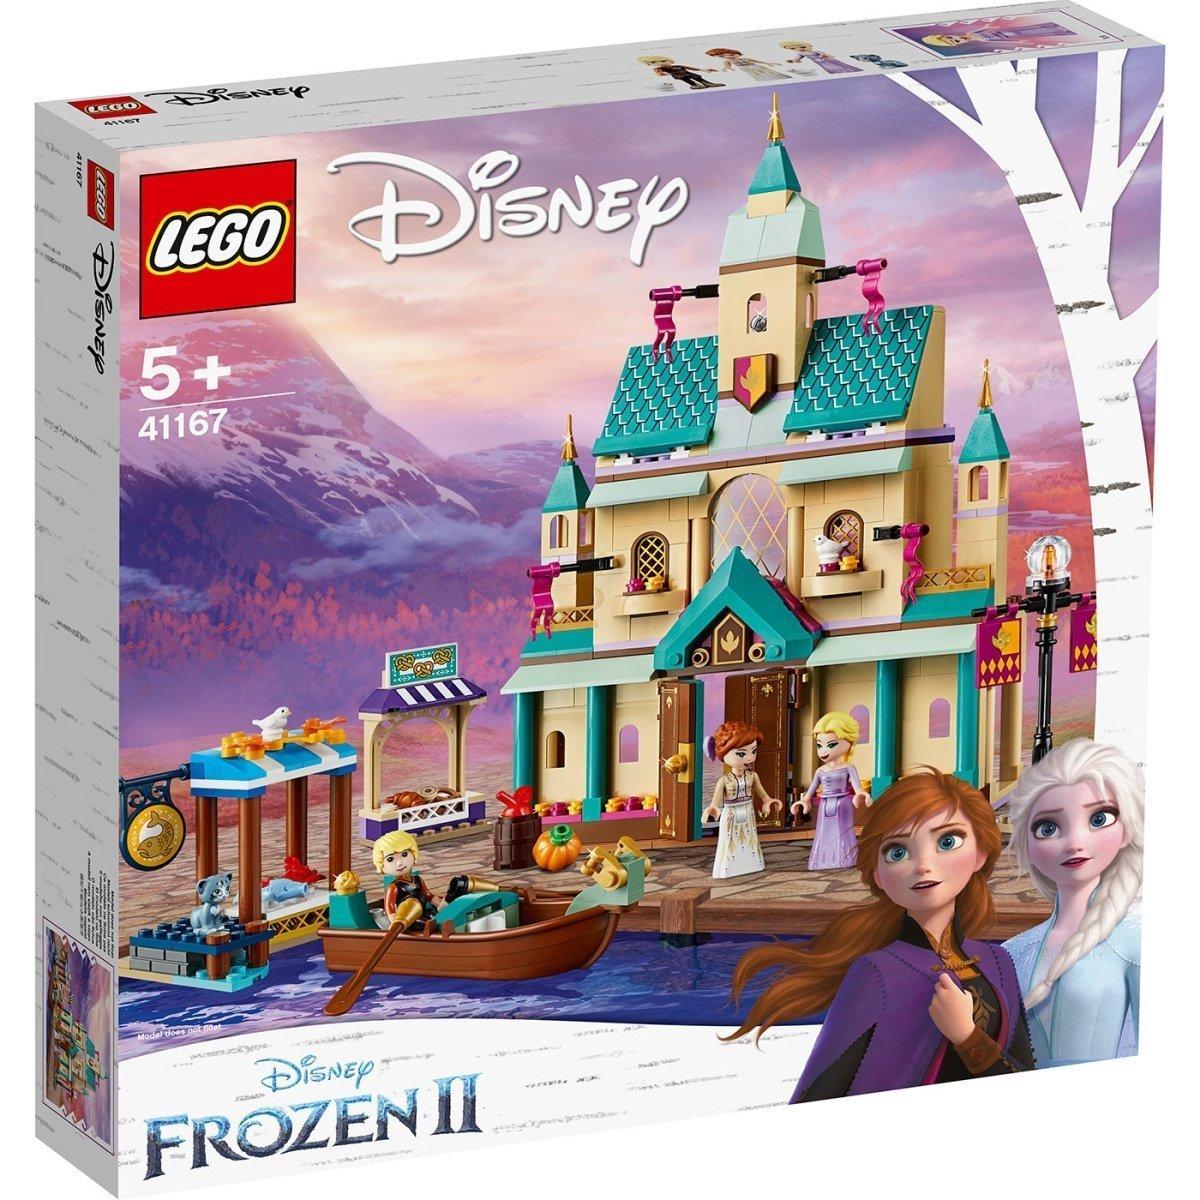 Annunciati i nuovi set Lego Frozen 2